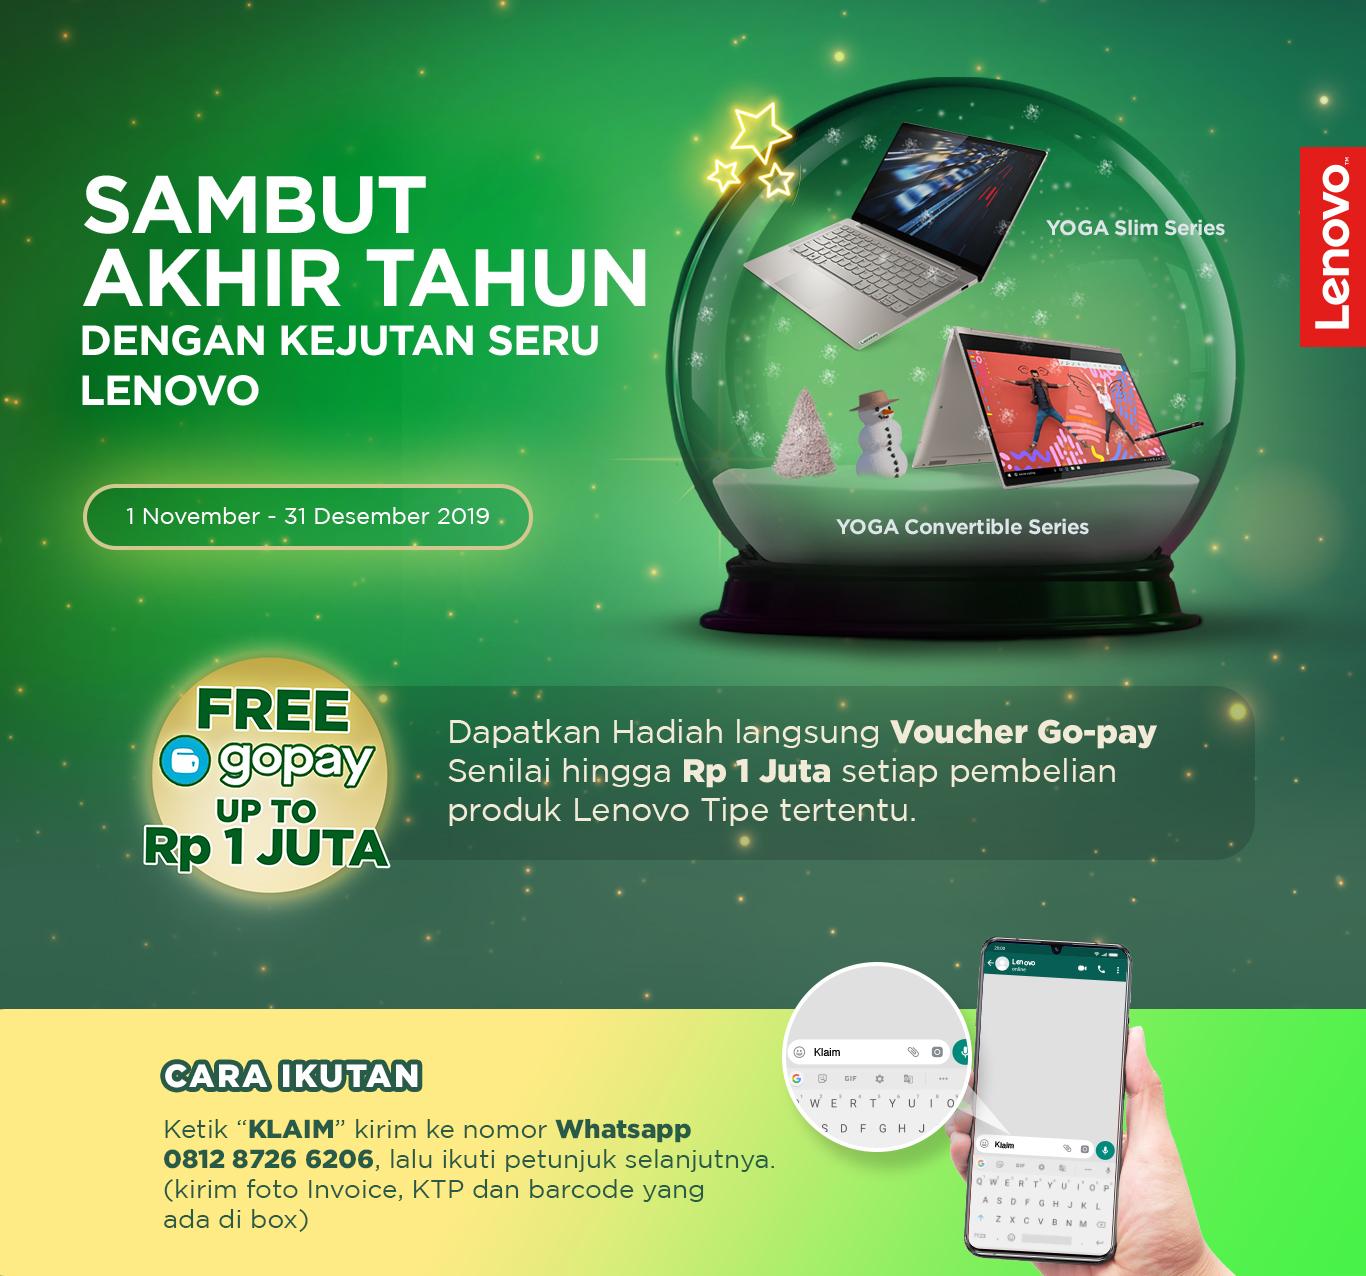 Lenovo End Year Promo Lenovo Indonesia